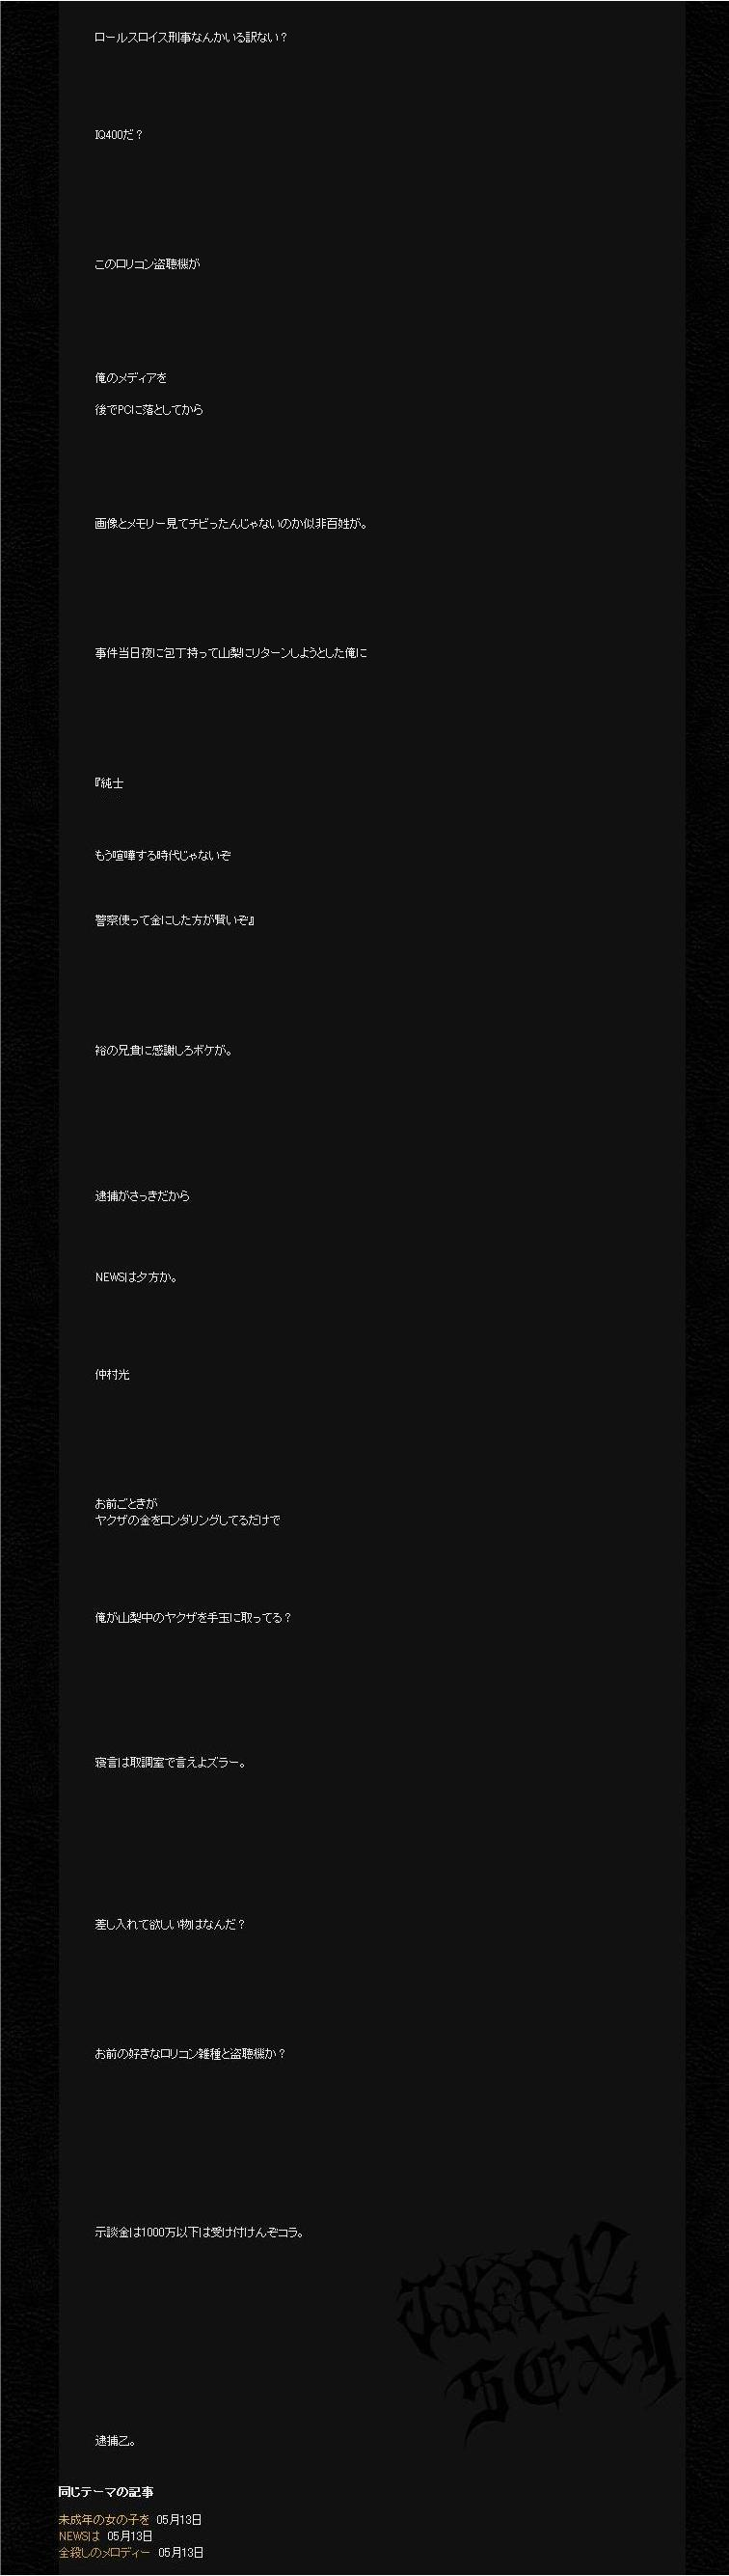 9瓜田純士×国内最大暴力団×日本国警察行政